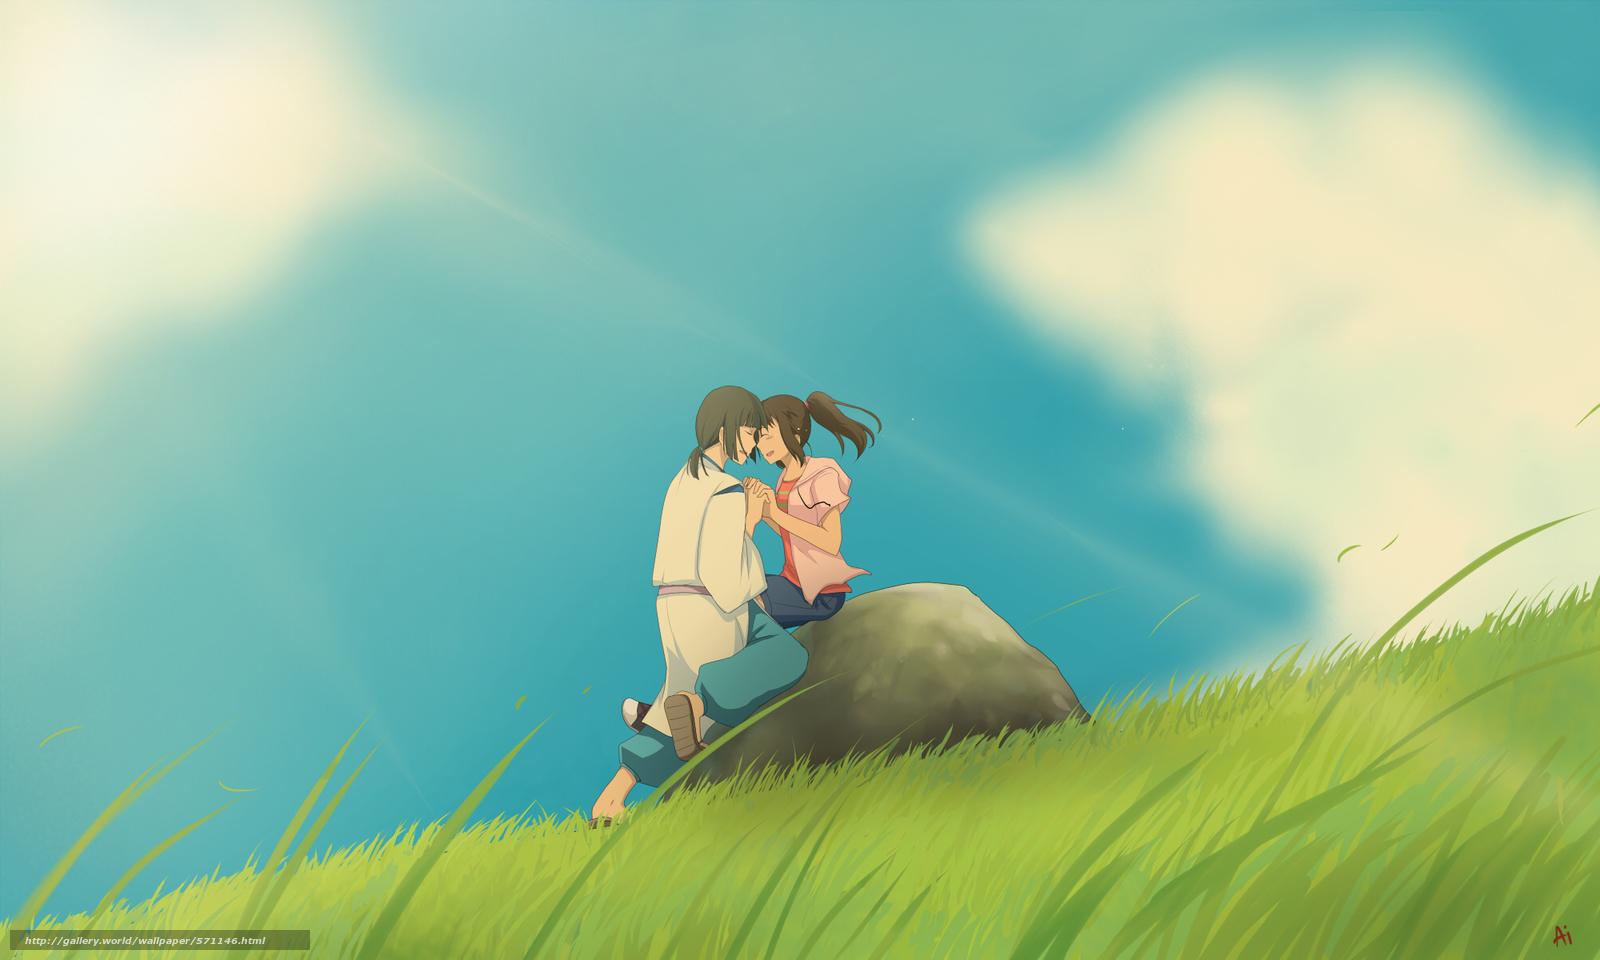 Studio Ghibli Animation Movies Hayao Miyazaki Anime Movie